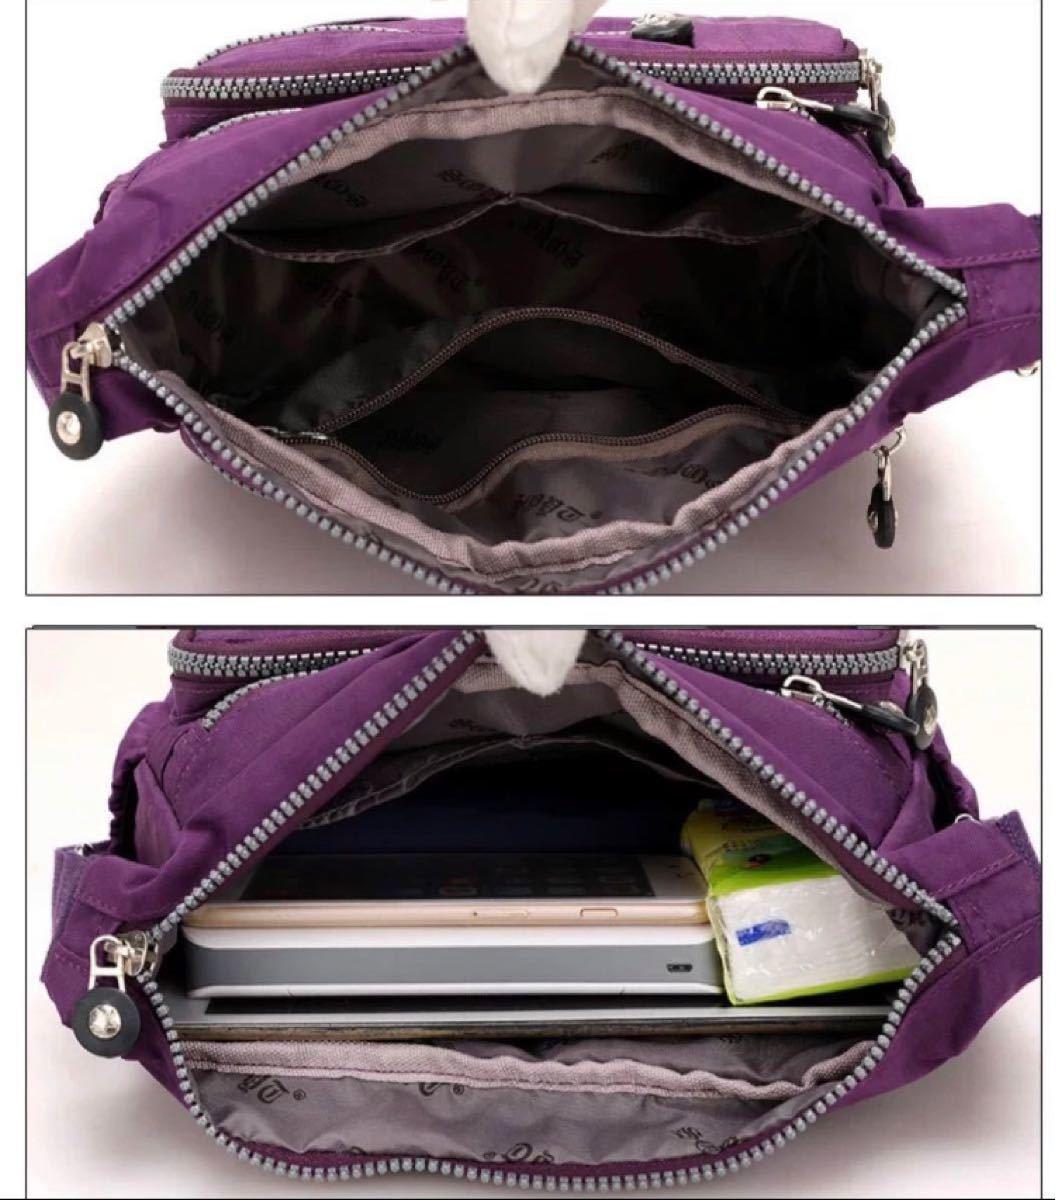 ショルダーバッグ 斜めがけ 花柄 ボディーバッグ レディースバッグ iPad 斜めがけバッグ トラベルバッグ マザーズバッグ 軽量